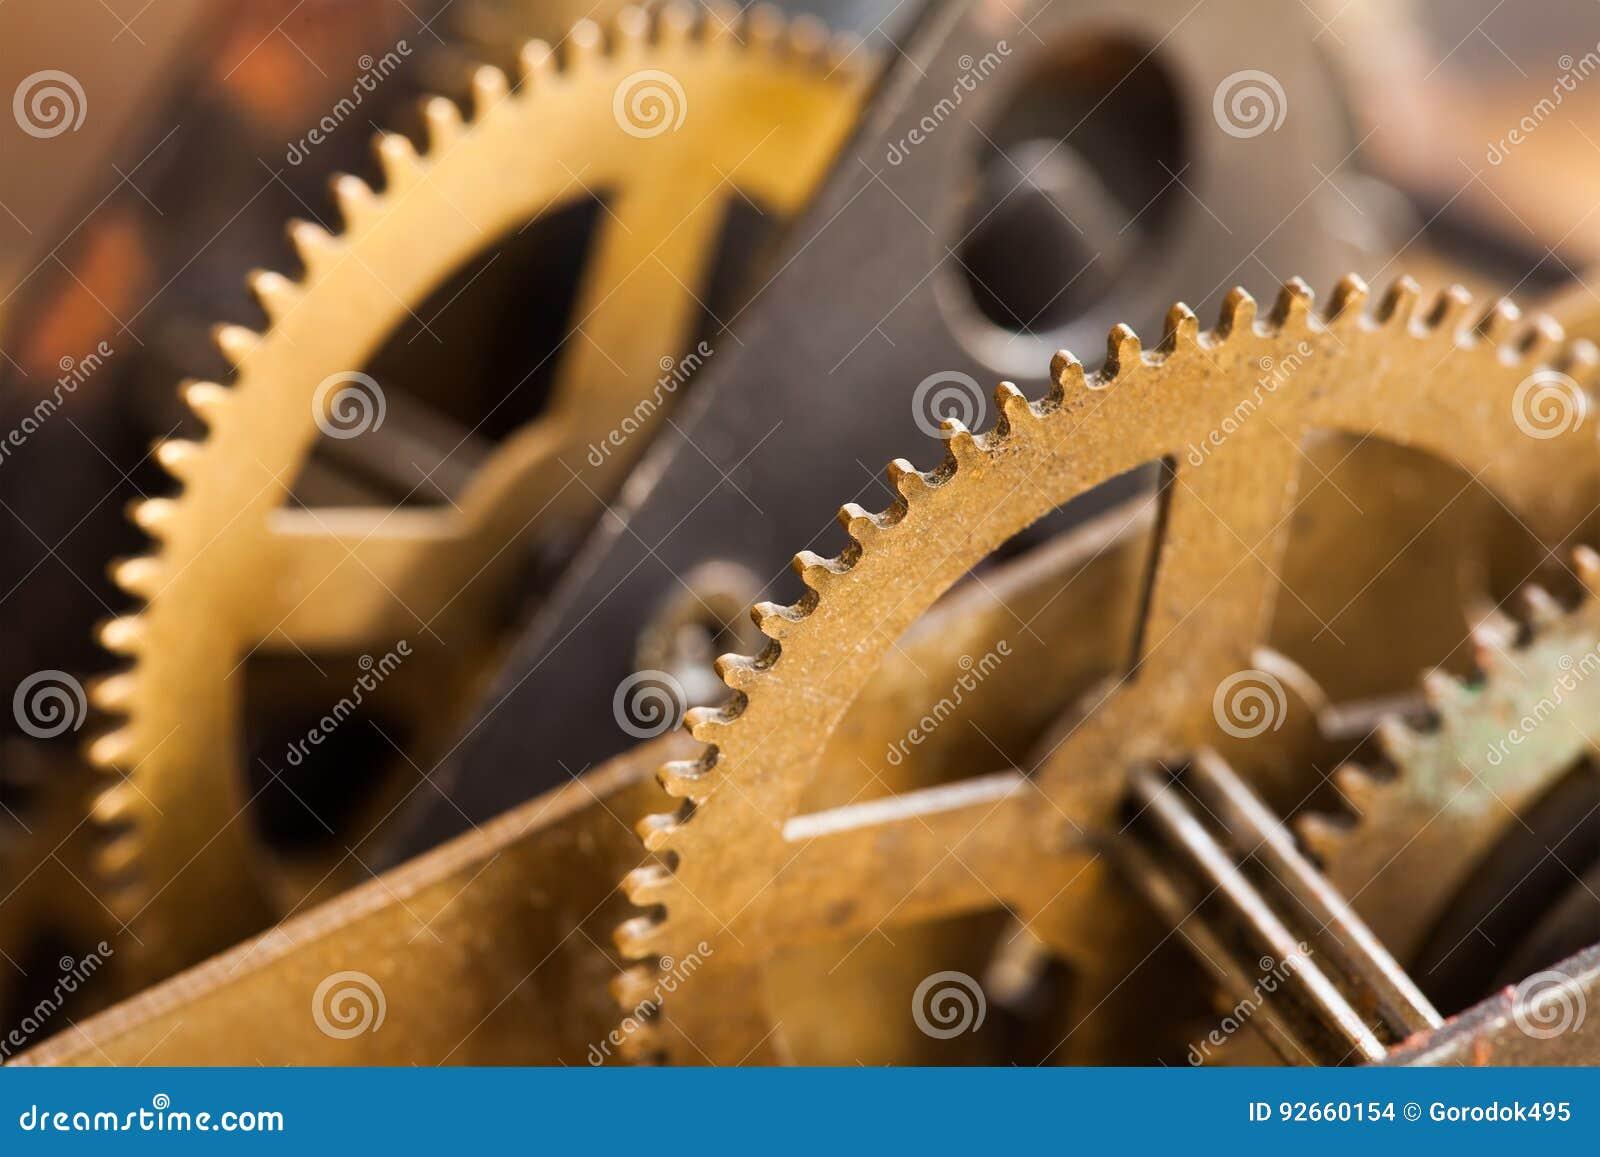 Opinião do macro da transmissão da roda denteada do bronze da maquinaria industrial Mecanismo envelhecido dos dentes da roda de e